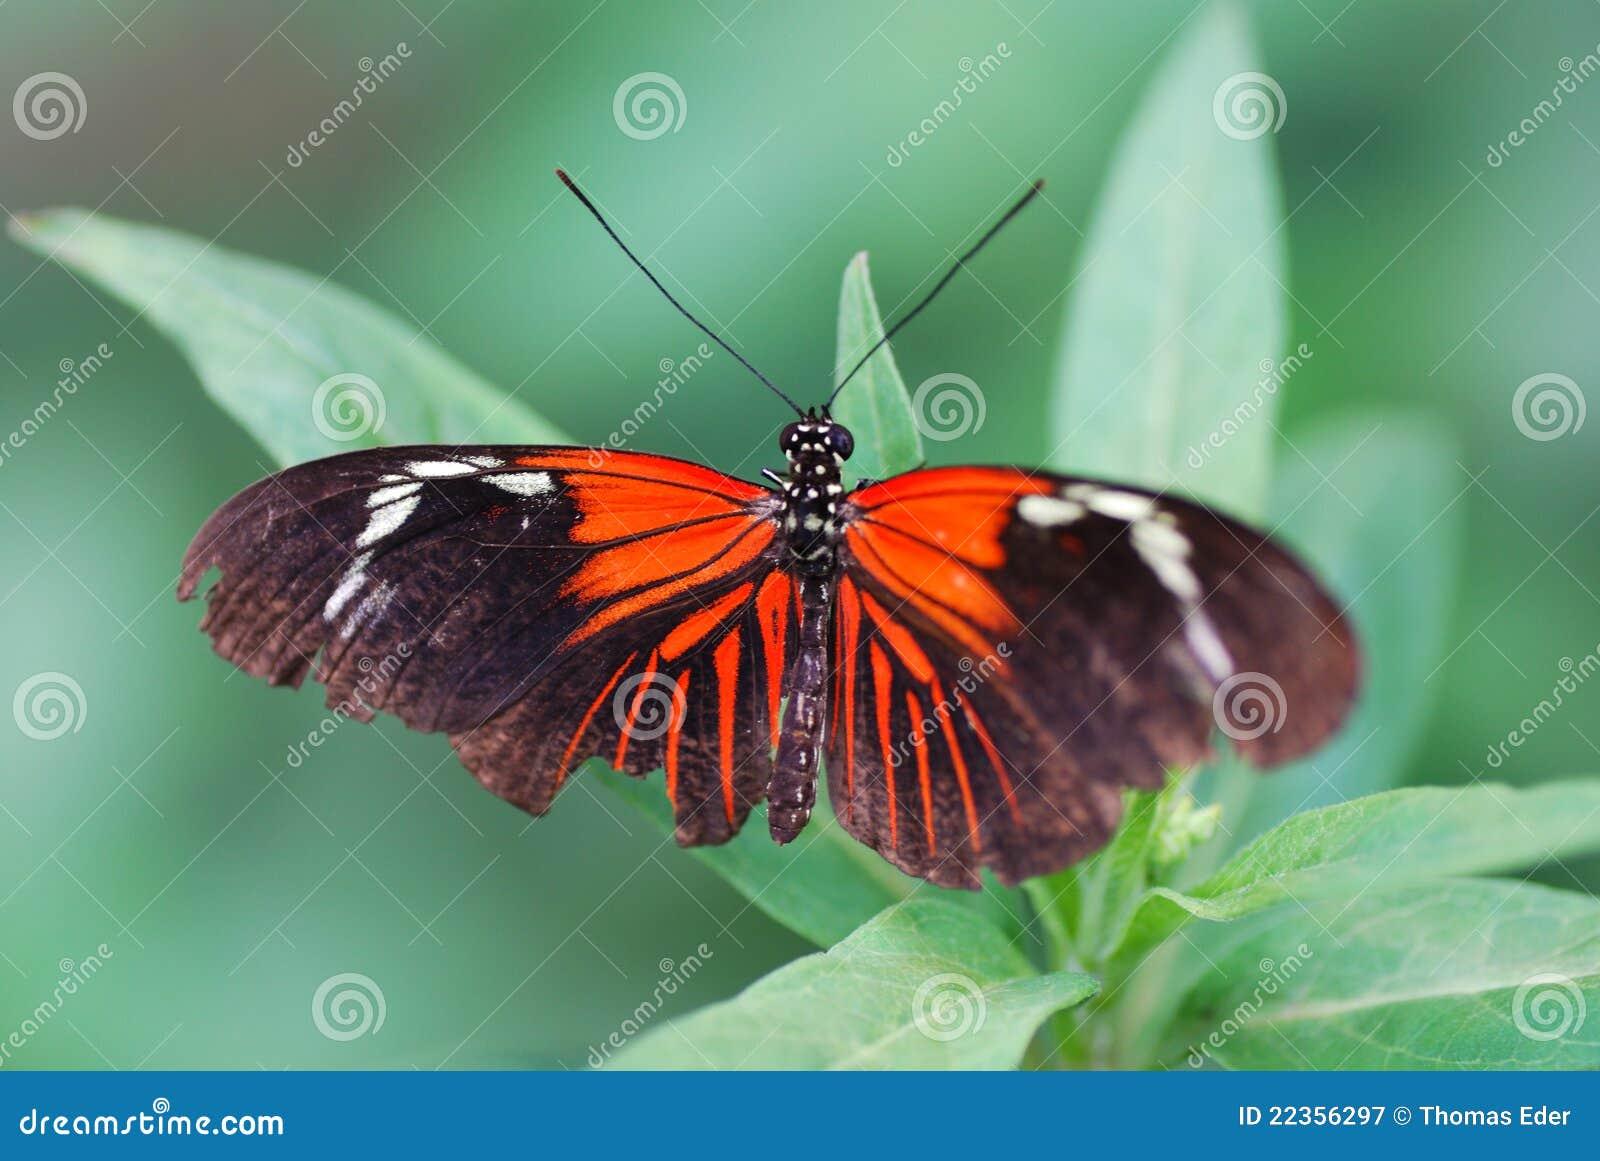 黑色蝴蝶红色